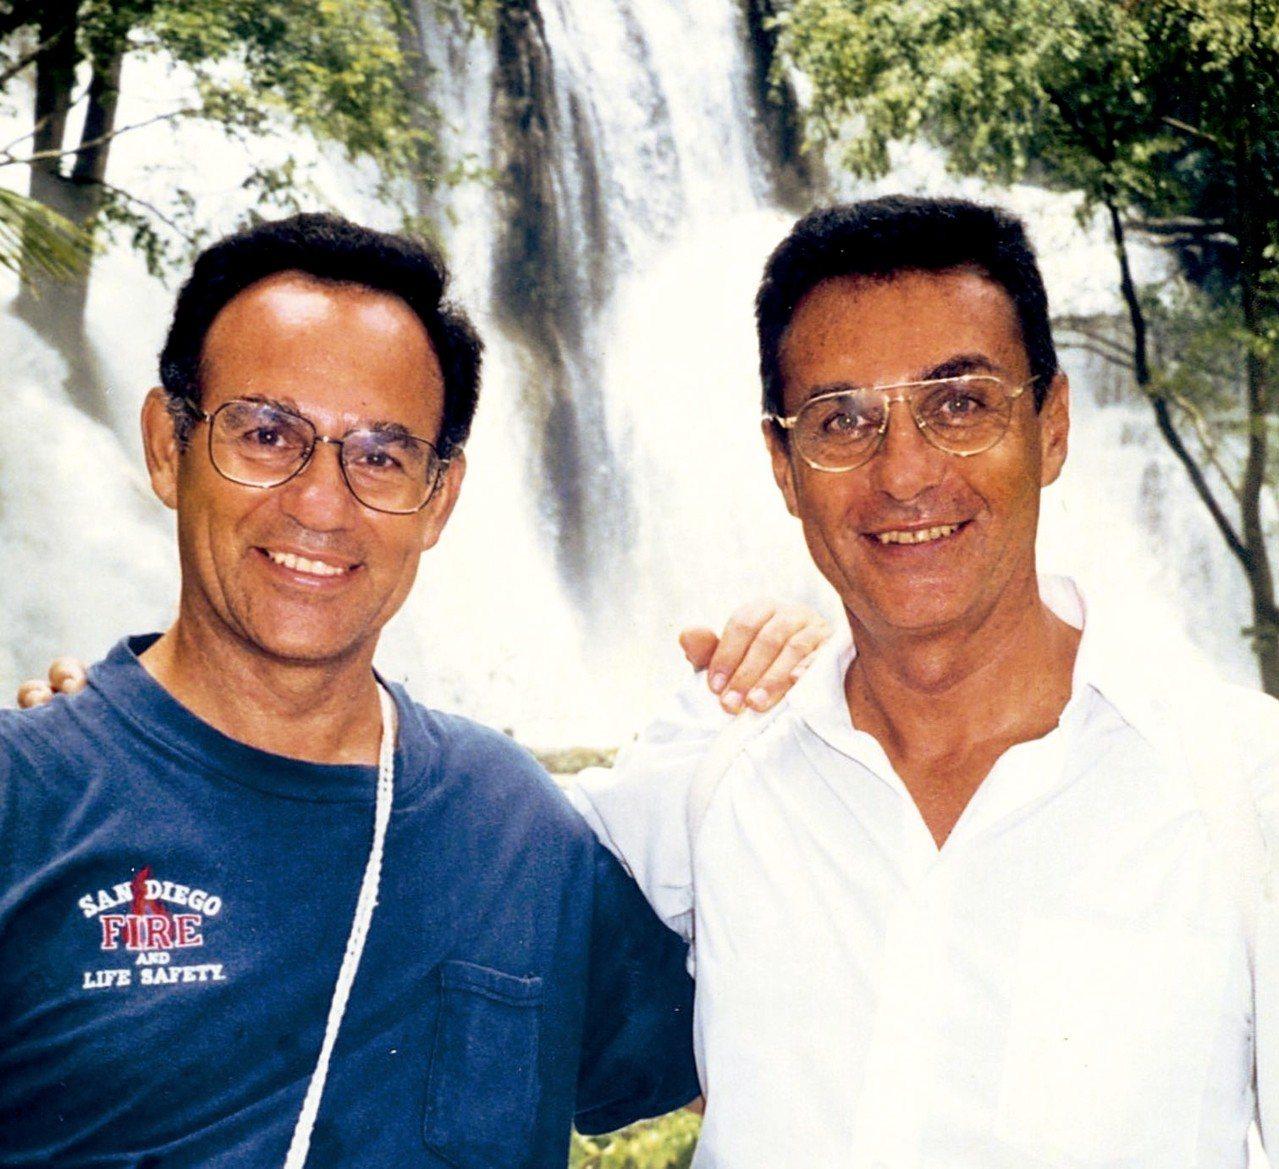 丁松青神父(左)與已逝的哥哥丁松筠神父。 圖/大塊文化提供